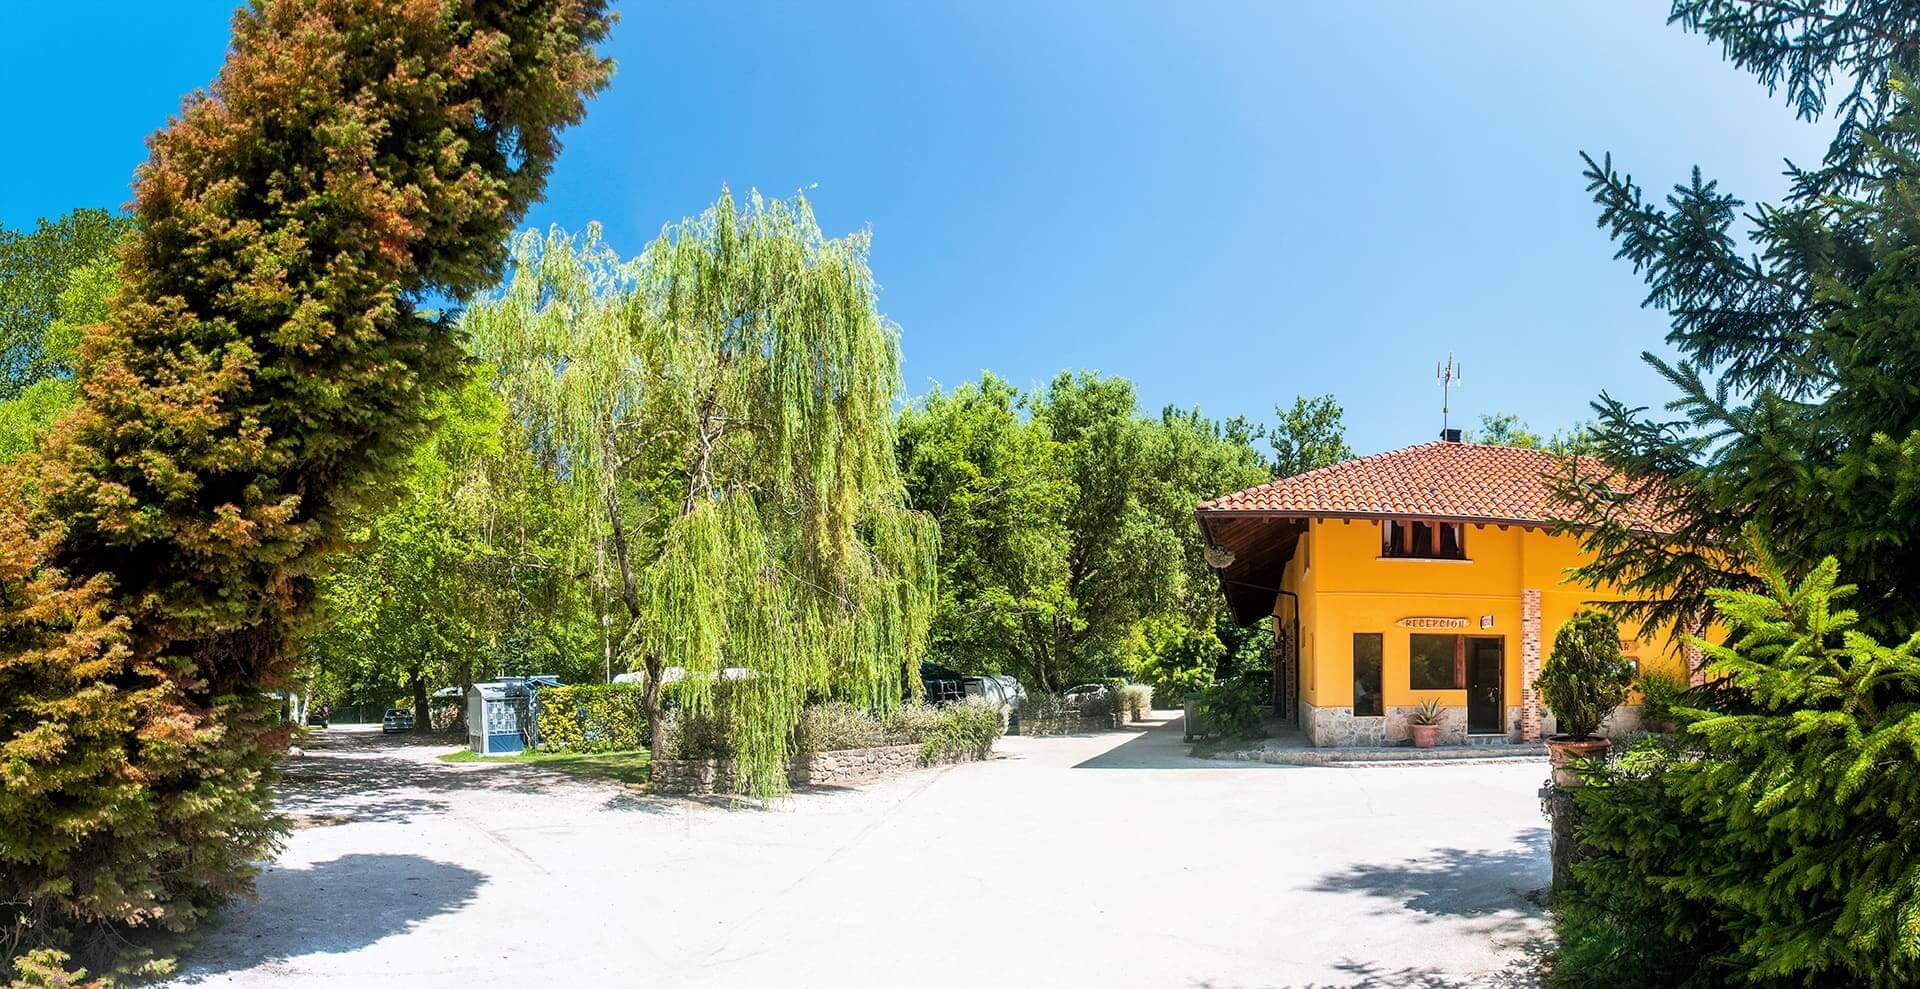 camping_asturias_bungalows-1_small-min